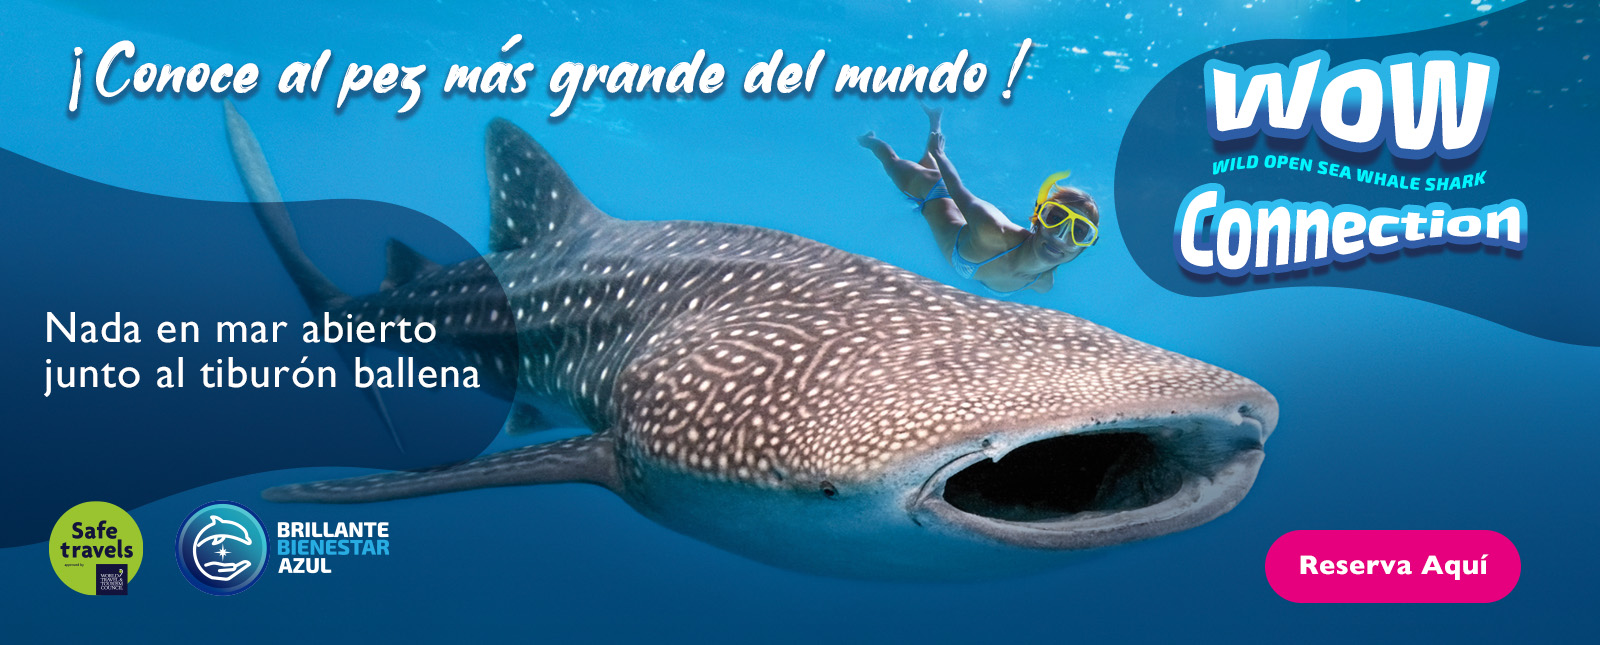 Tiburon ballena Delphinus cancun y riviera maya